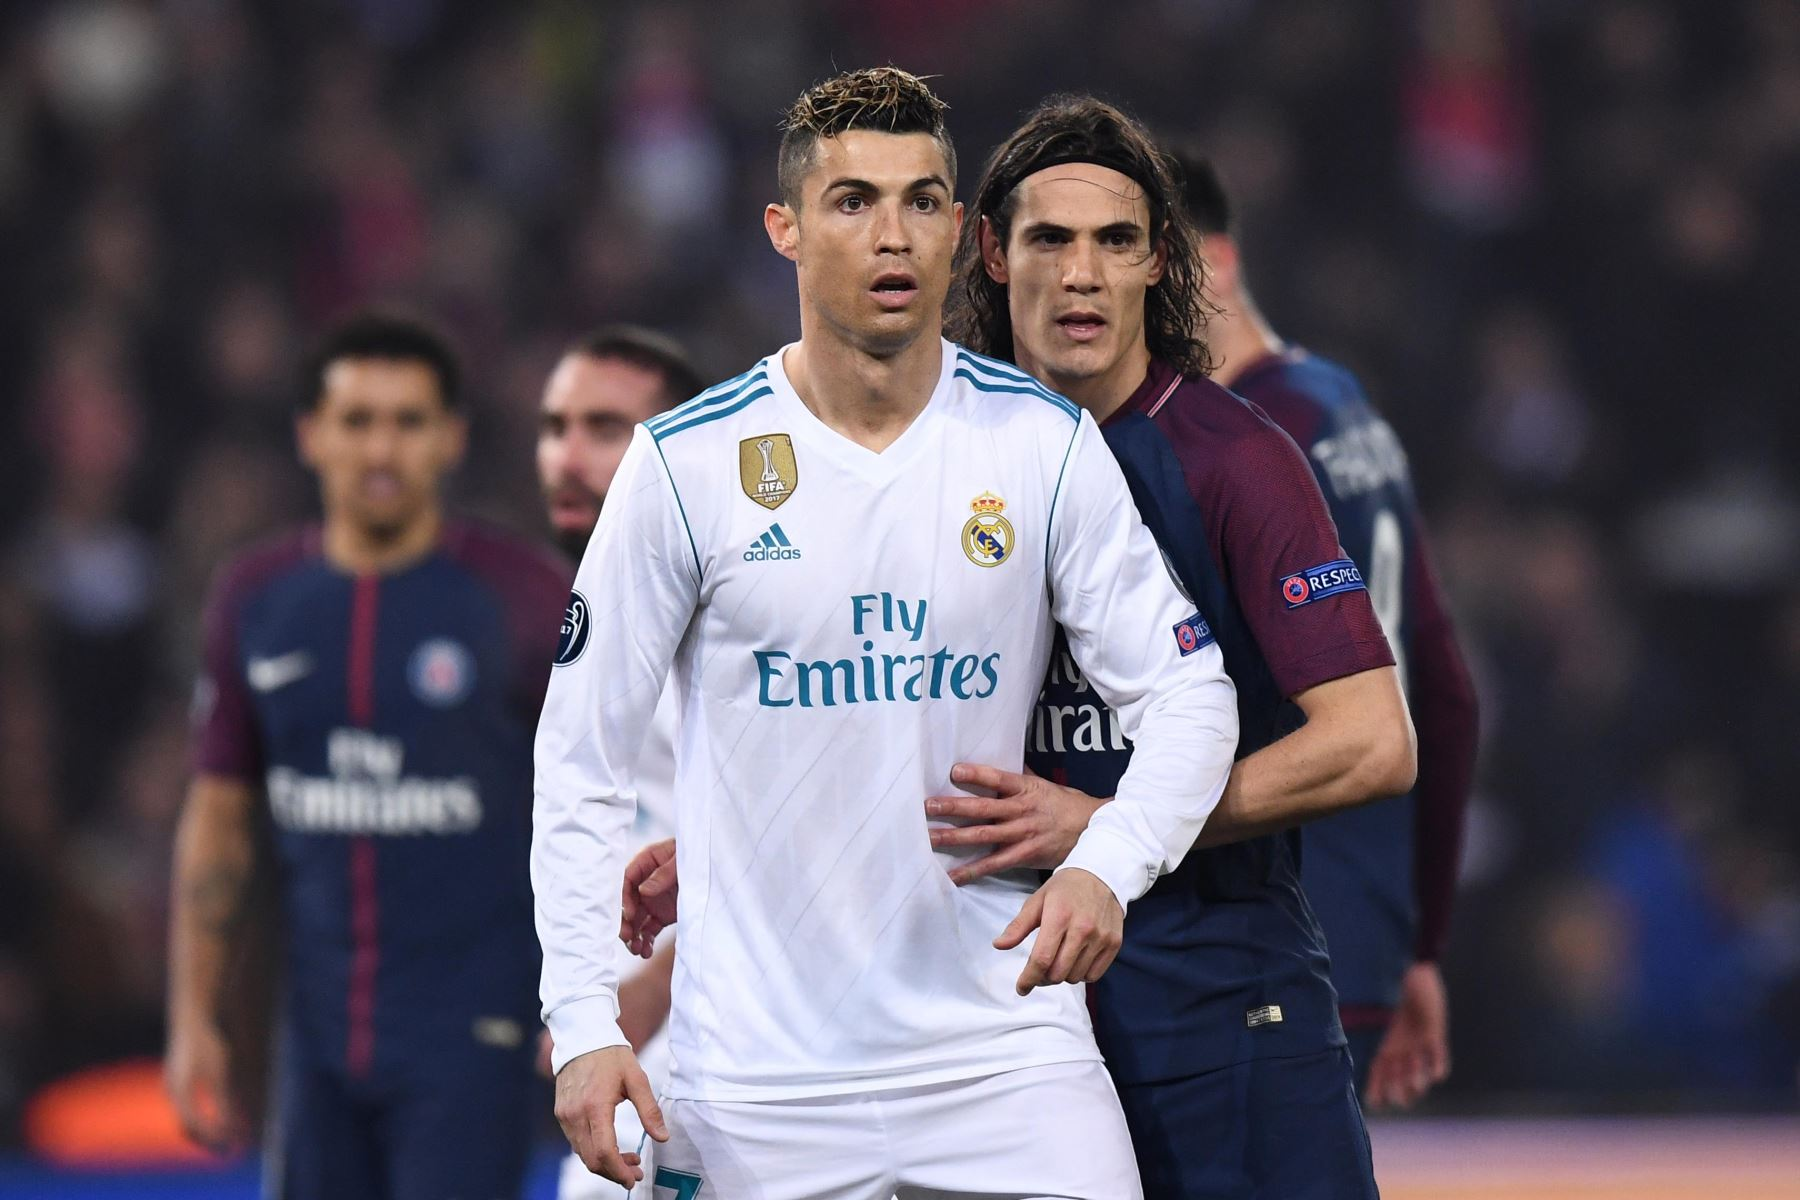 El delantero portugués del Real Madrid Cristiano Ronaldo y el delantero uruguayo Edinson Cavani del Paris Saint-Germain. Foto: AFP